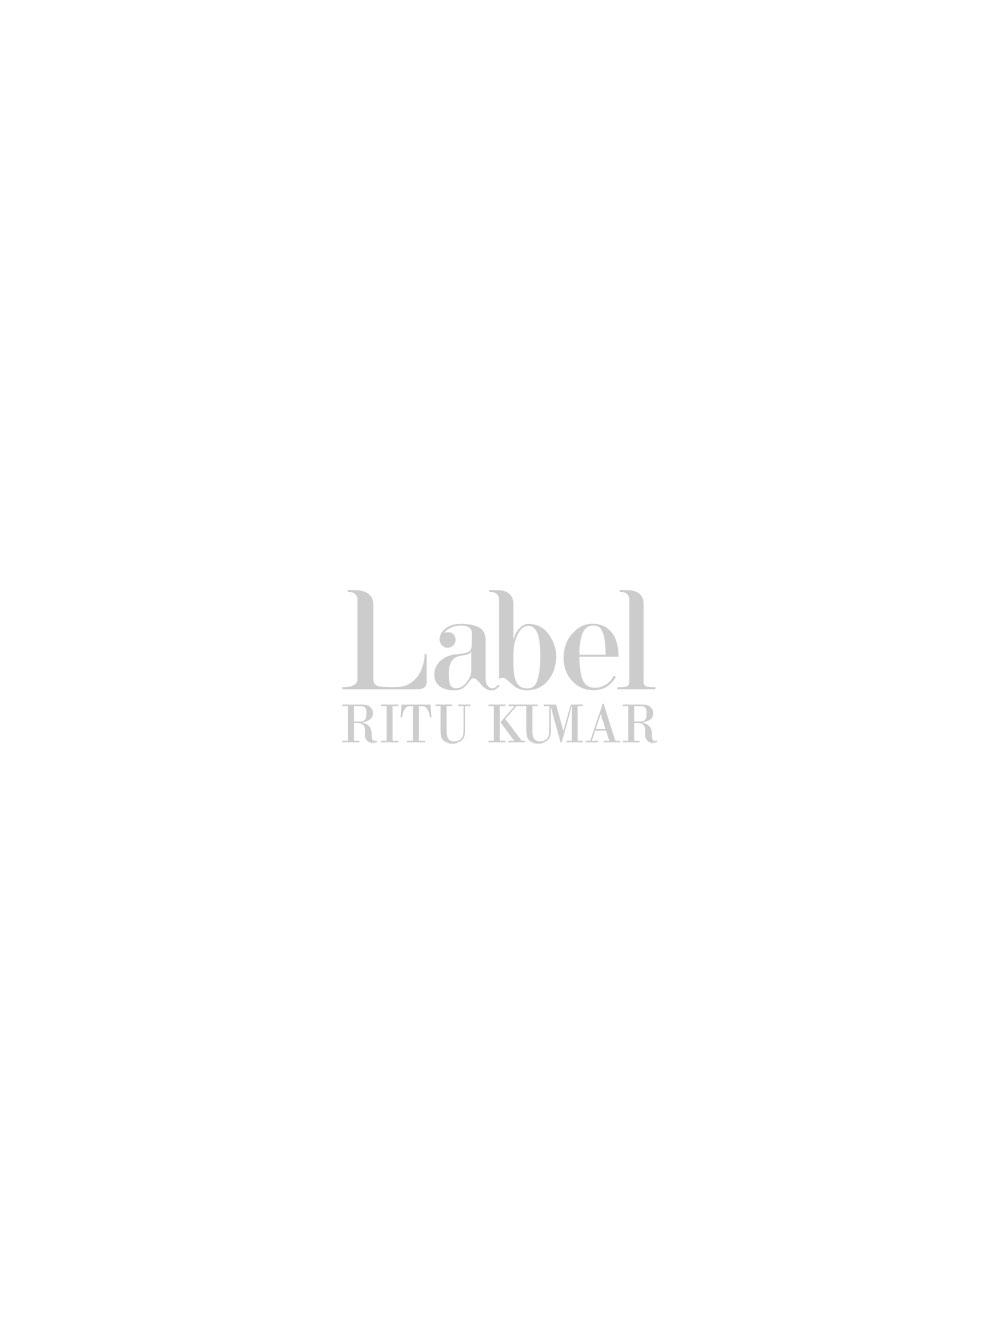 Black Printed Top by label ritu kumar